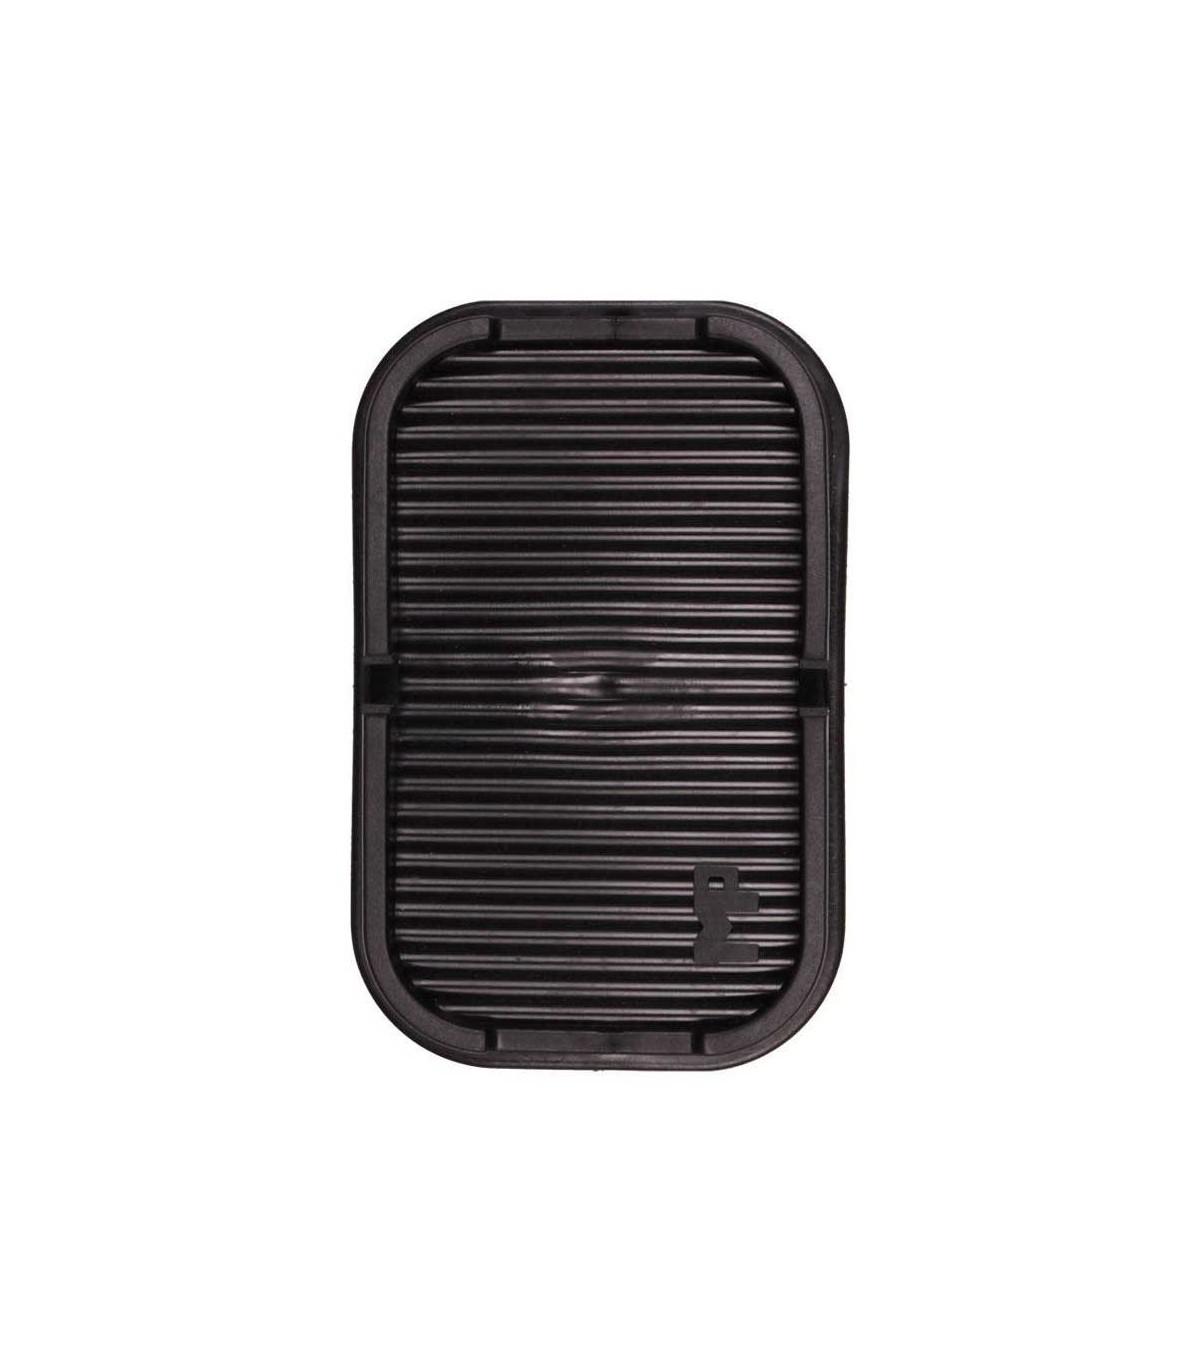 صفحه نگهدارنده موبایل خودرو MP